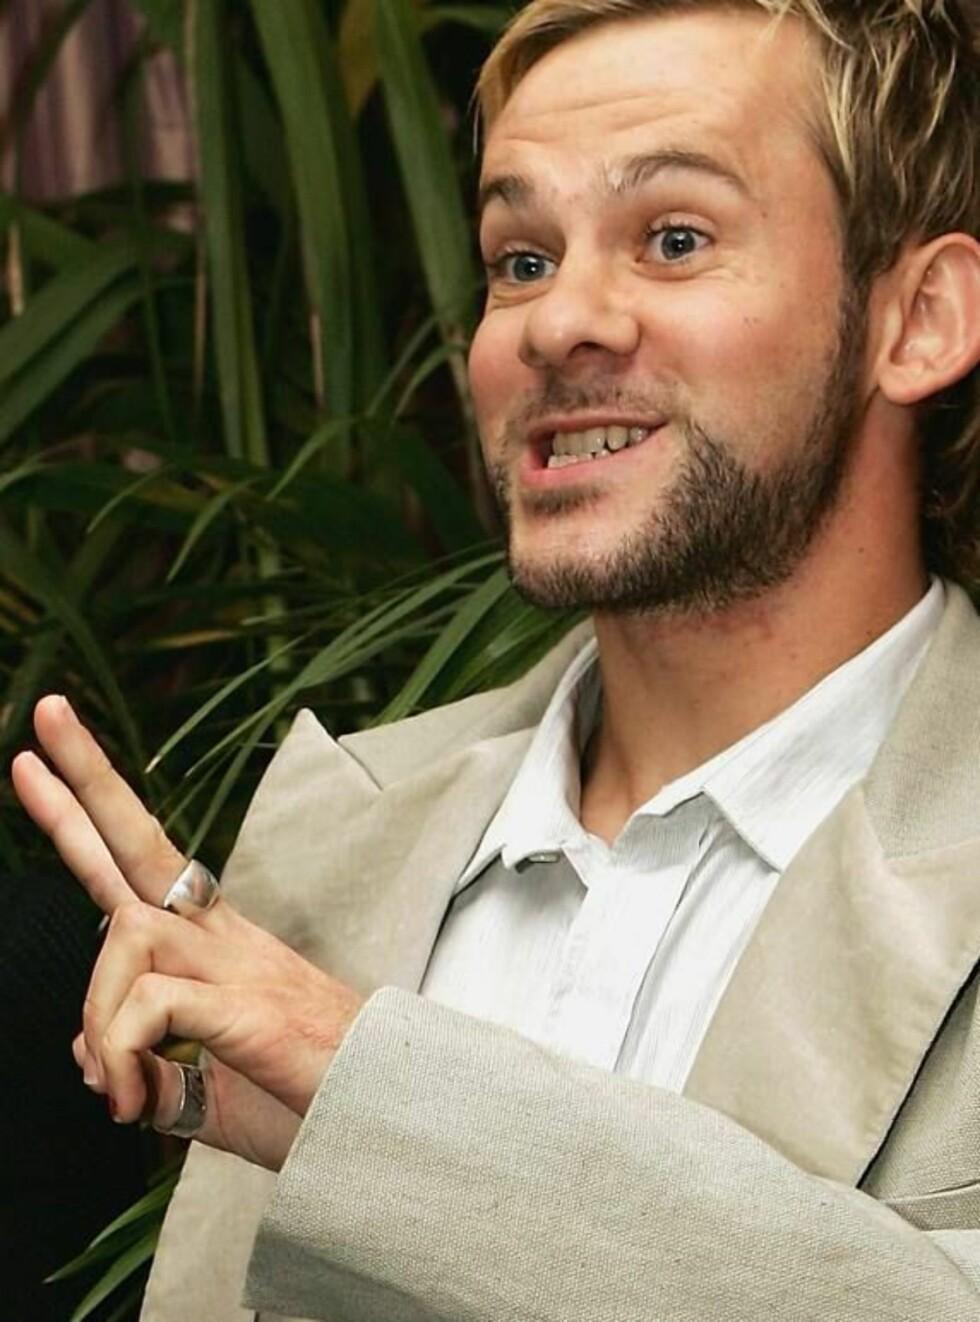 TO, TAKK: Dominic viser kjæresten hvor mange barn han vil ha. Foto: All Over Press